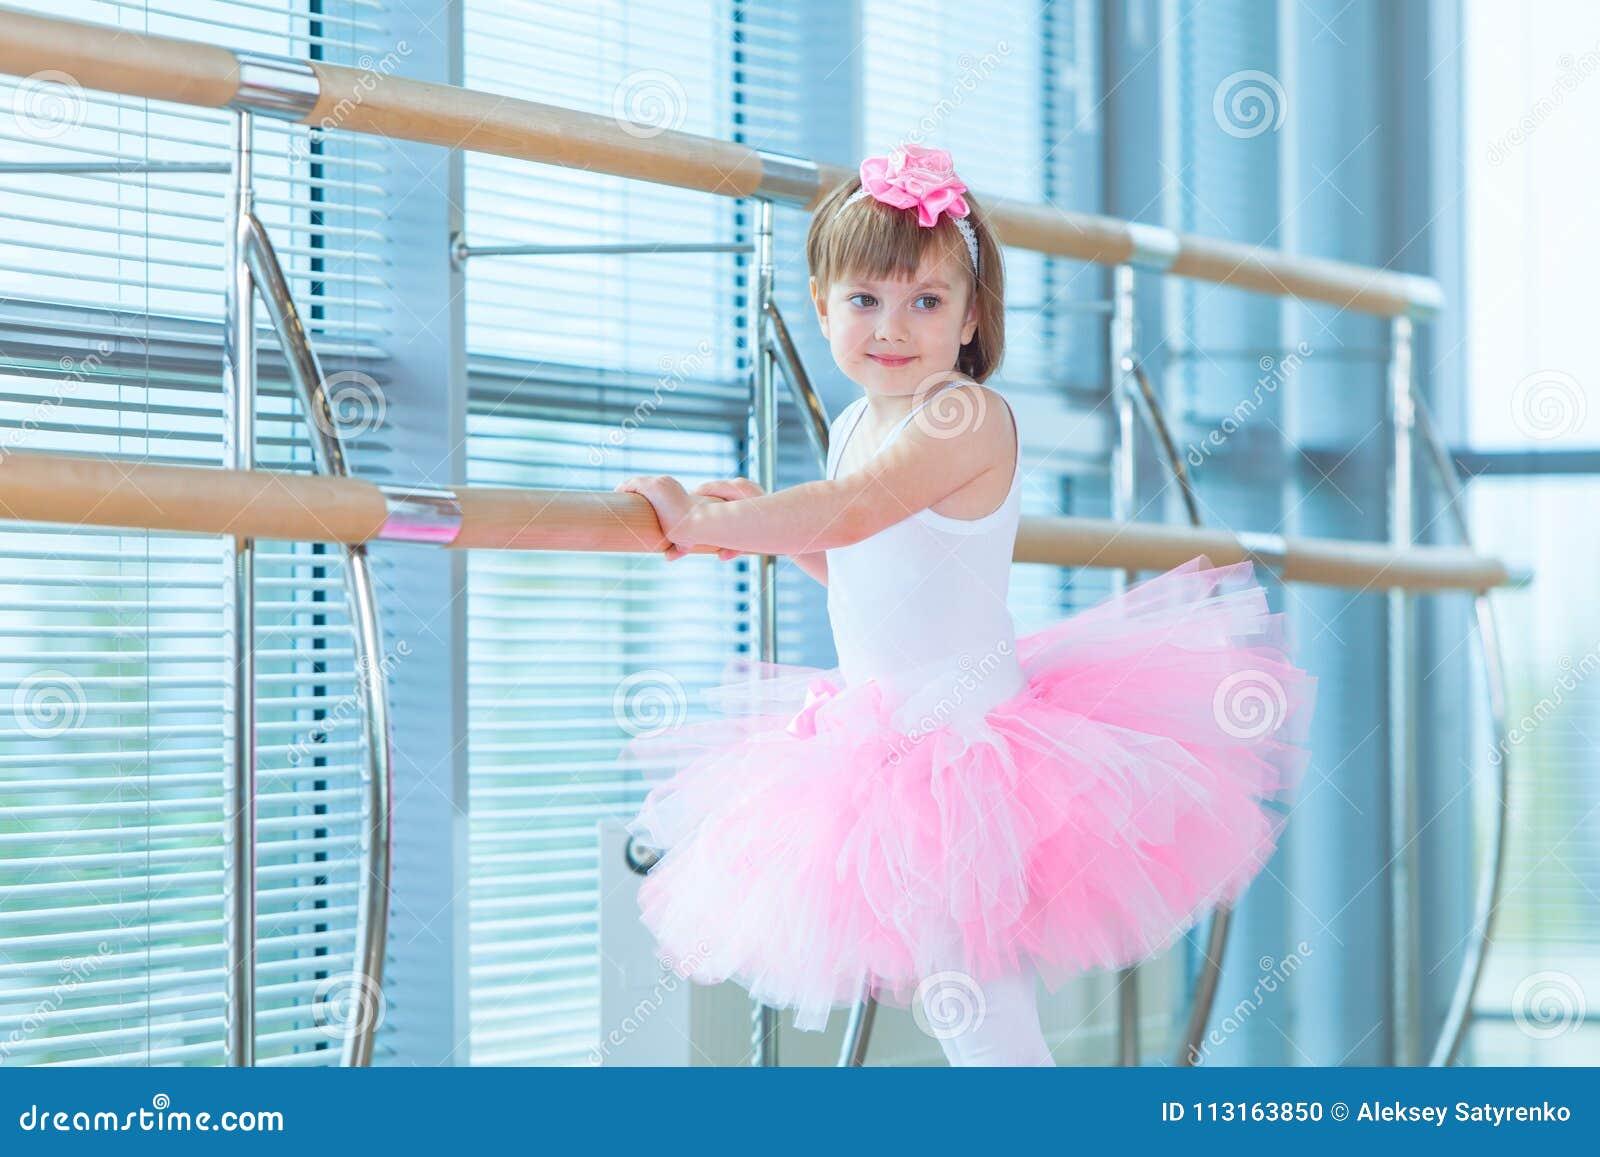 427dd3651ed Pequeña muchacha de la bailarina en un tutú rosado Niño adorable que baila  ballet clásico en